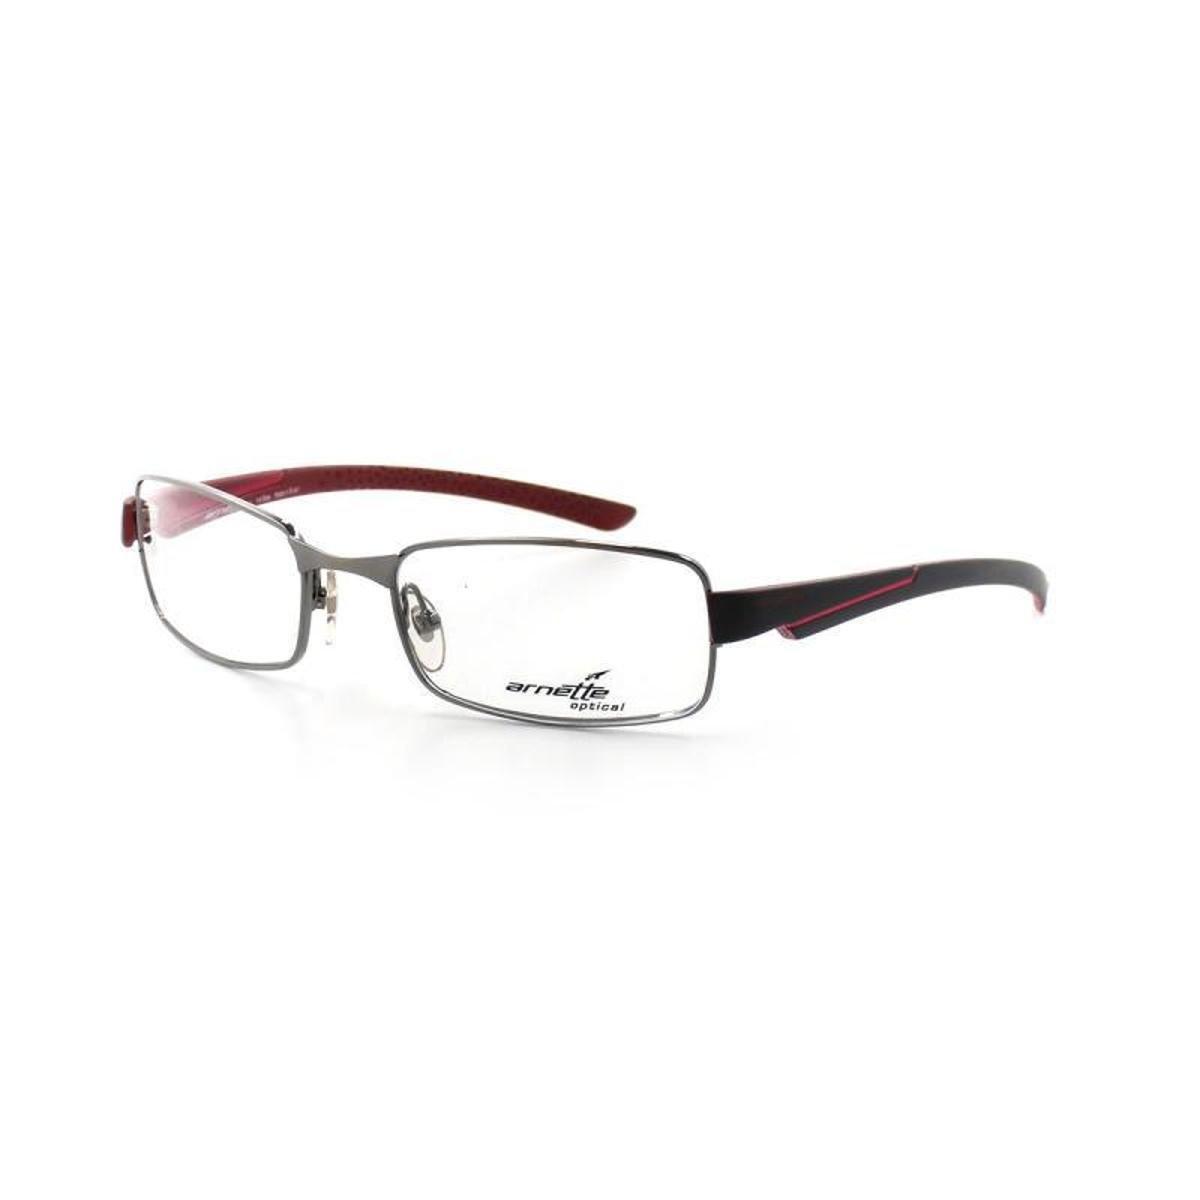 3b92e1c44209b Armação De Óculos De Grau Arnette 6060L T 53 C A831 Masculino - Grafite -  Compre Agora